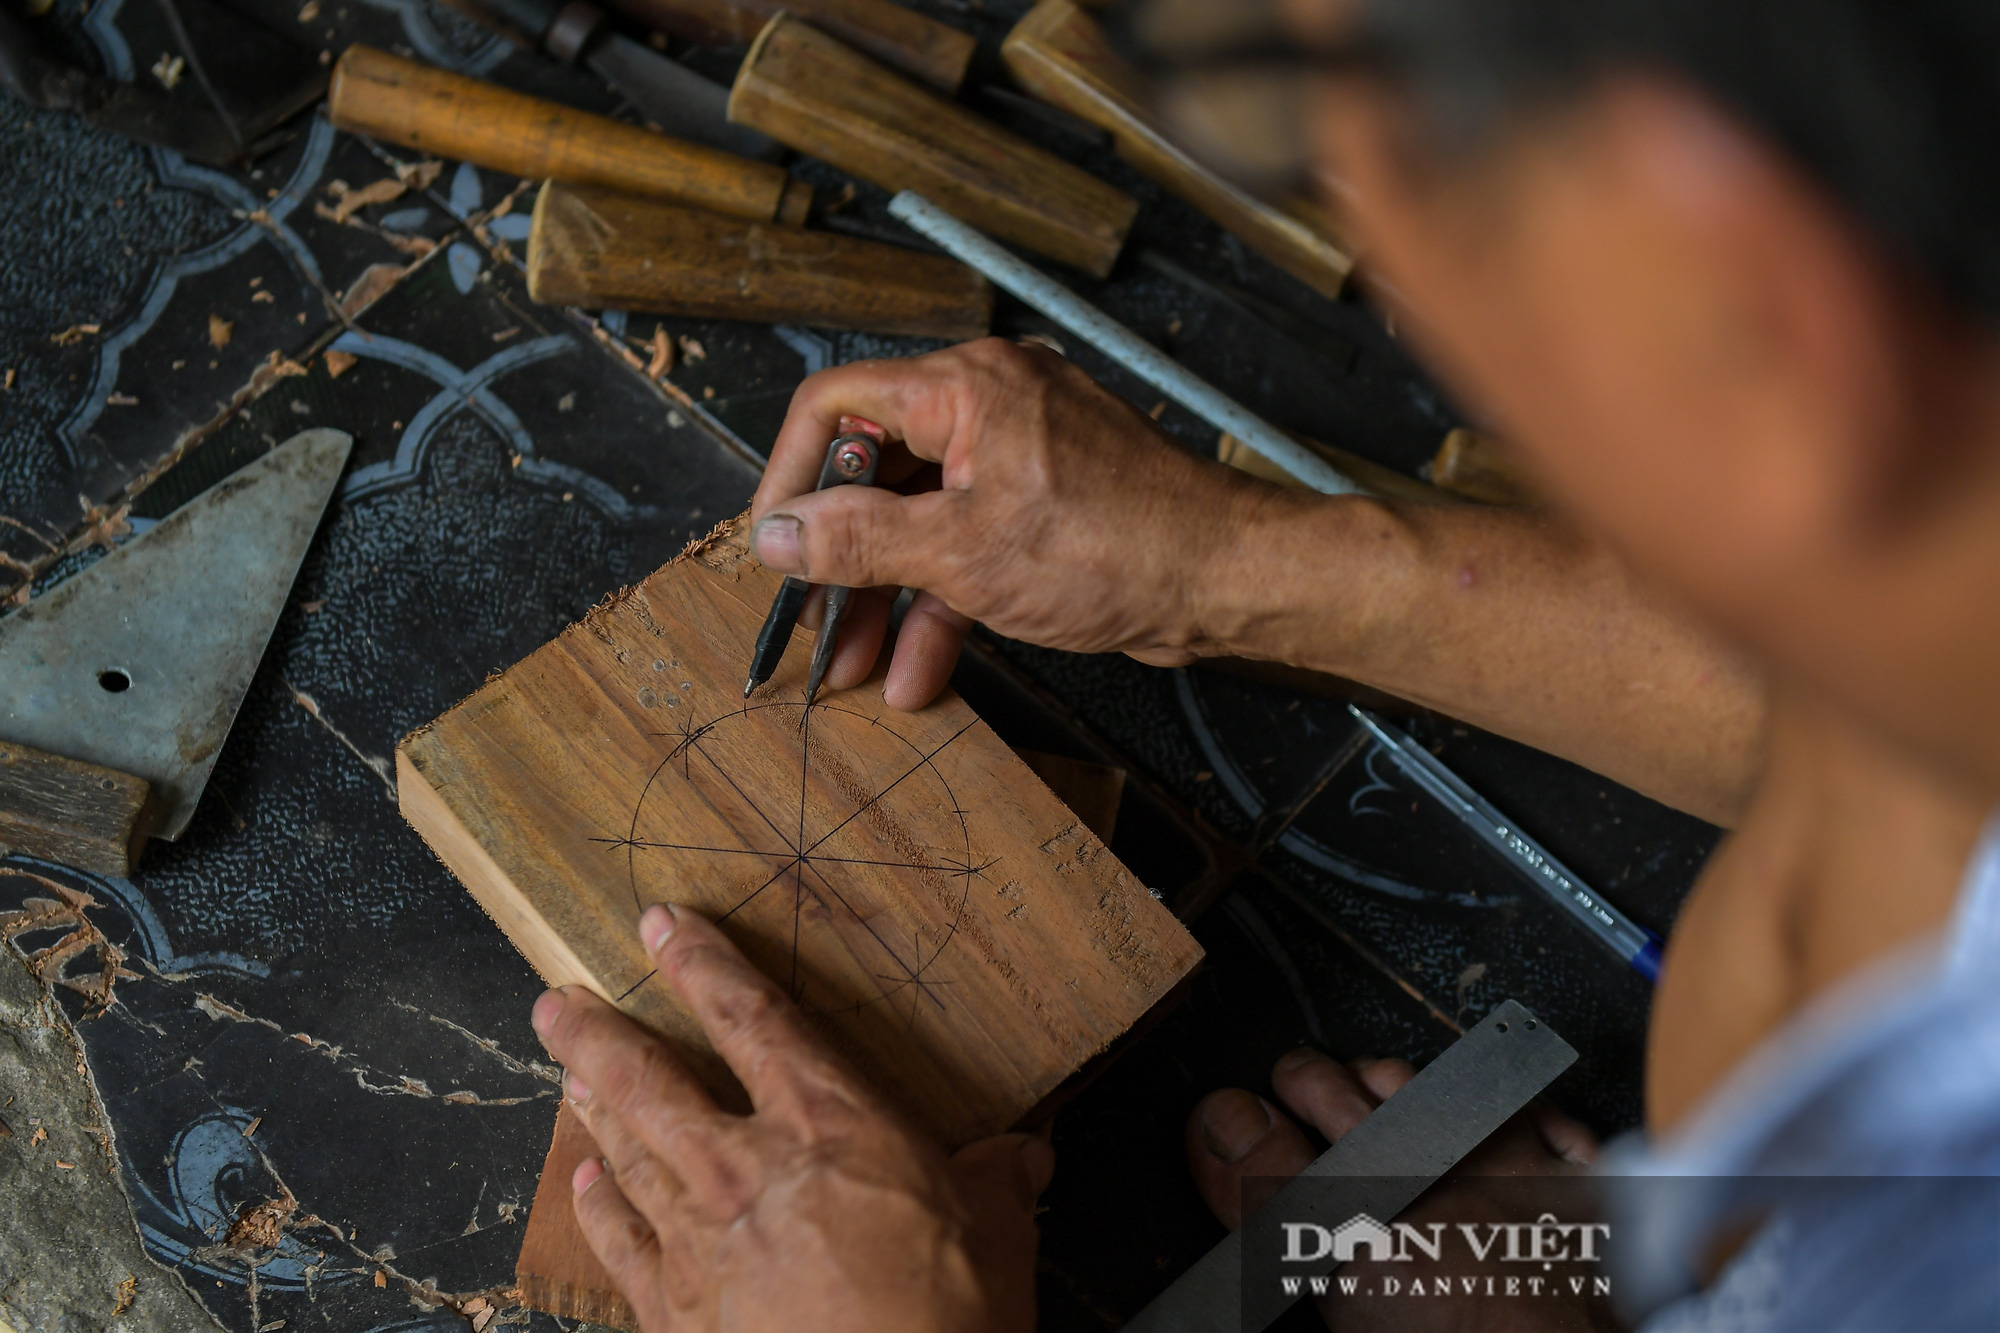 Chiêm ngưỡng kỹ năng điêu luyện của người đàn ông 40 năm làm khuôn bánh trung thu - Ảnh 4.